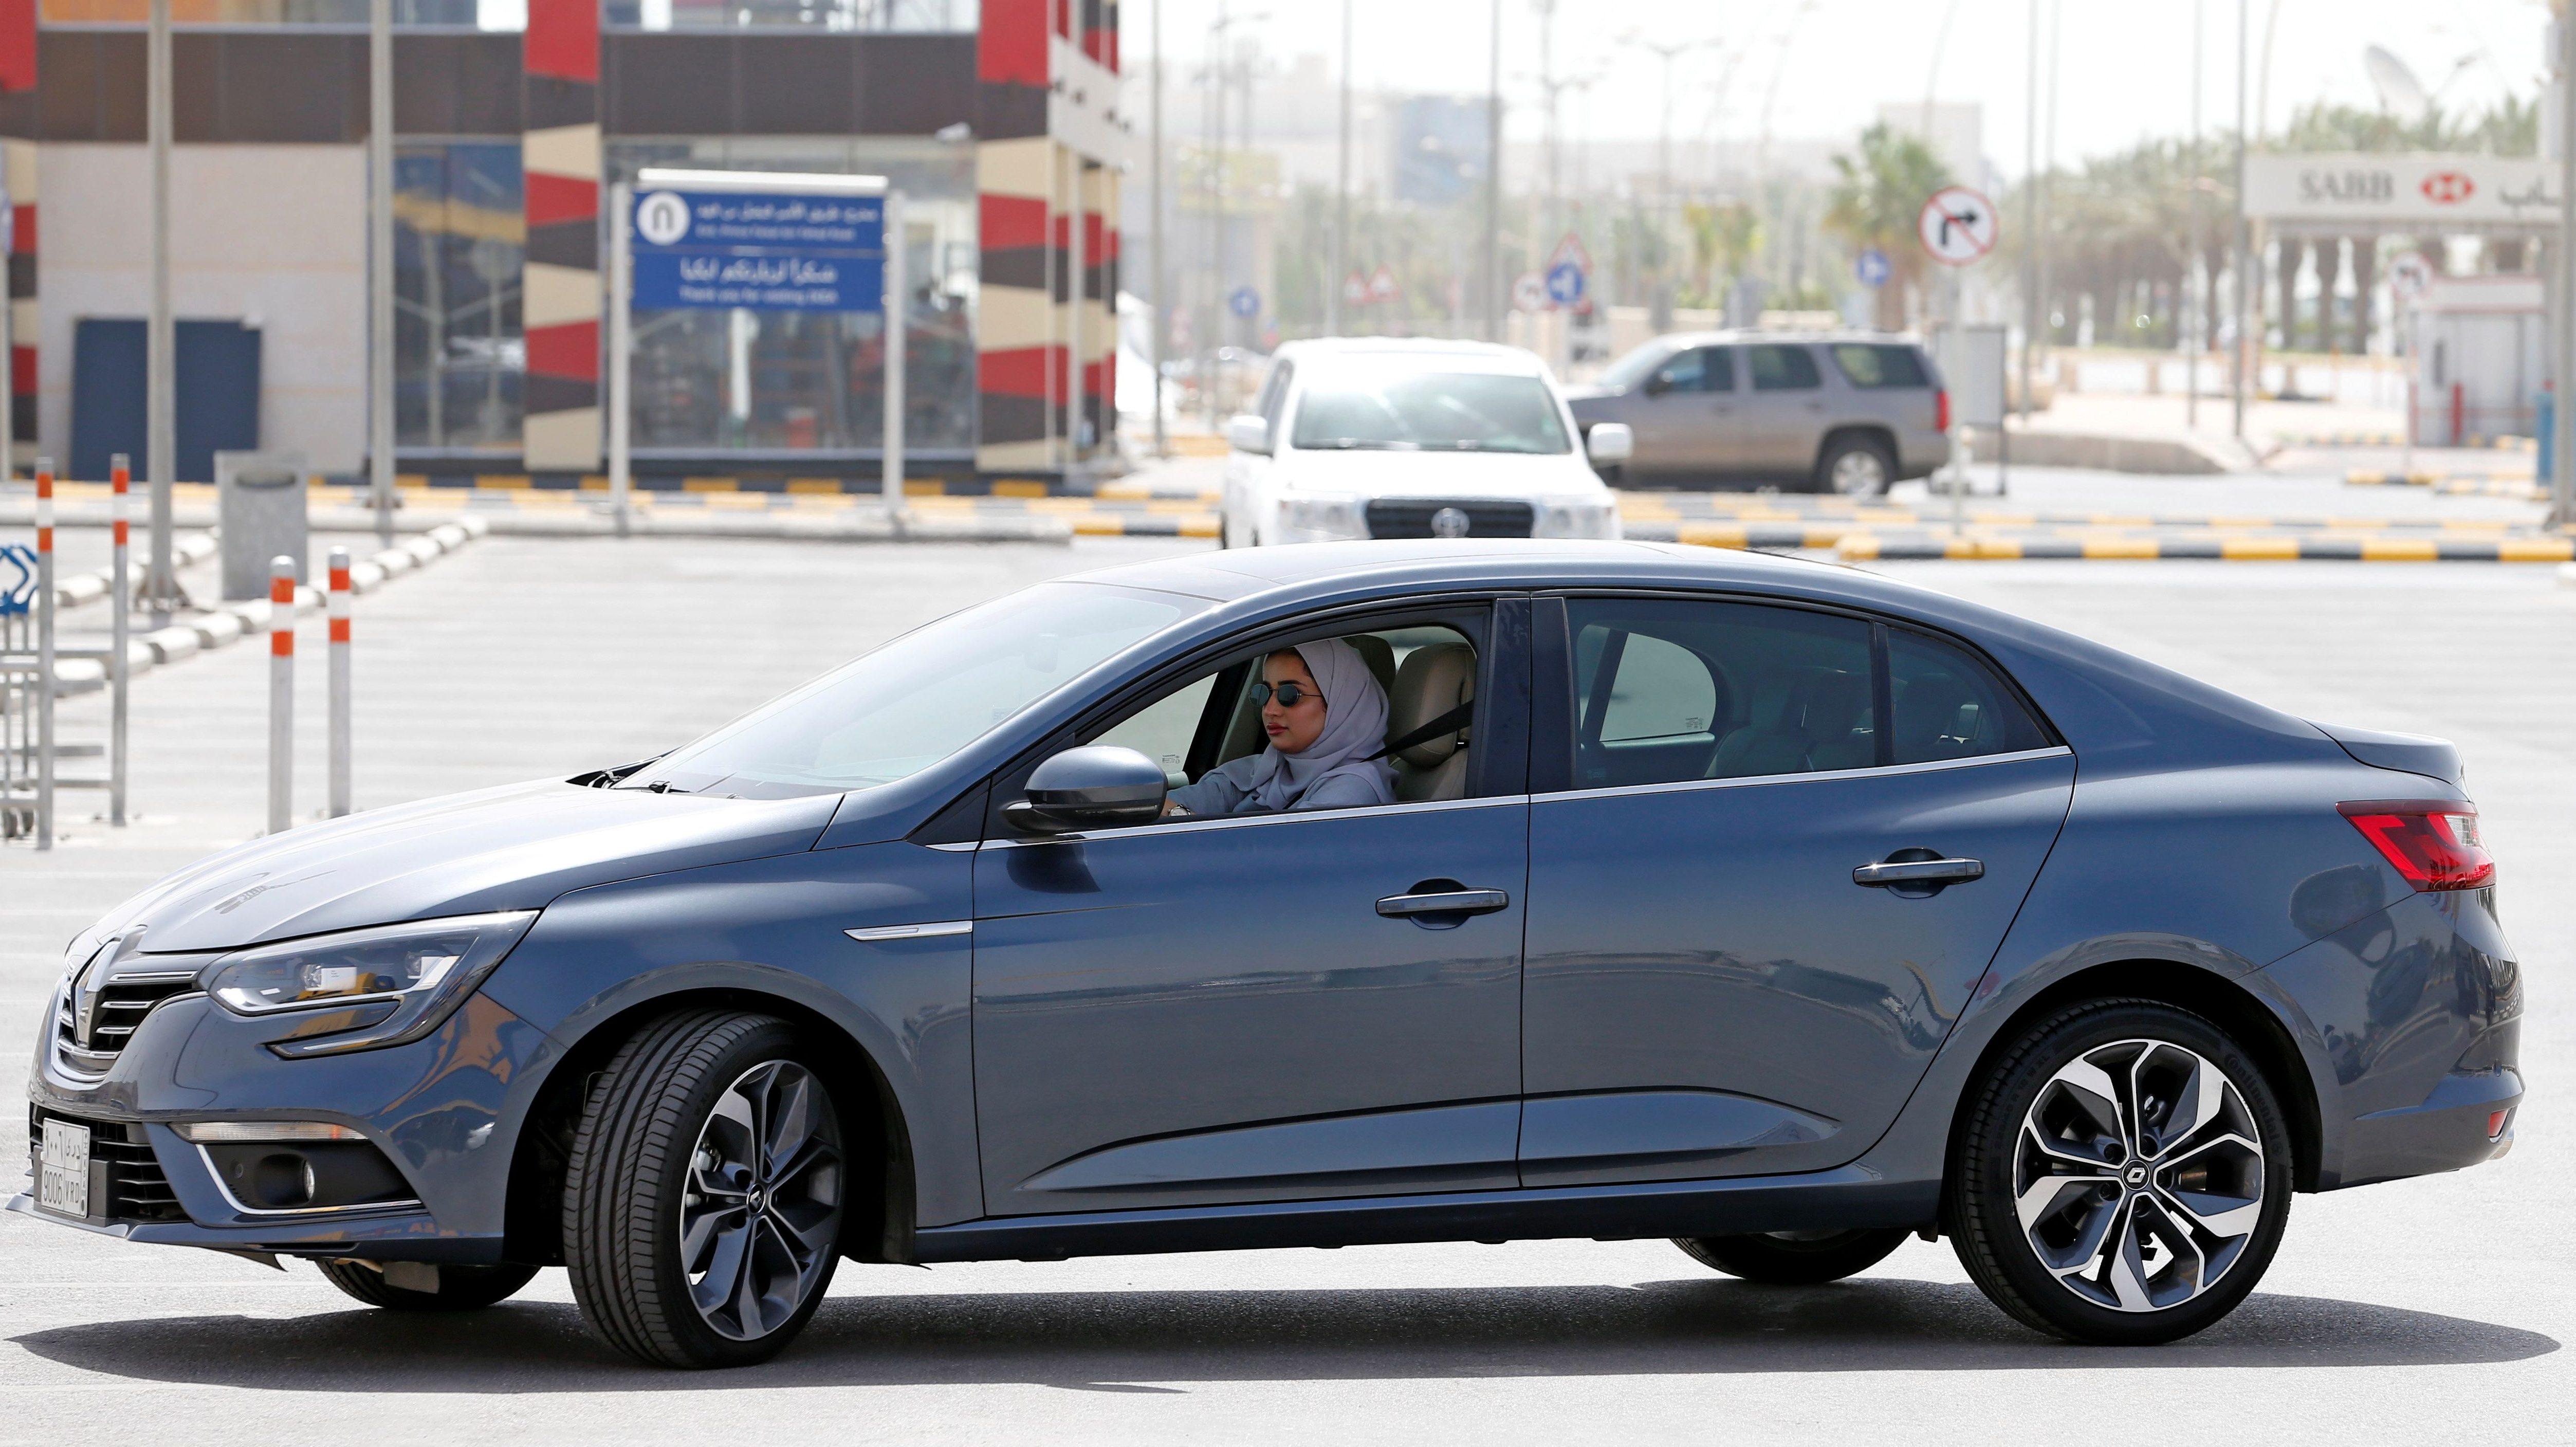 Zuhoor Assiri drives her car in Dhahran, Saudi Arabia, June 24, 2018.